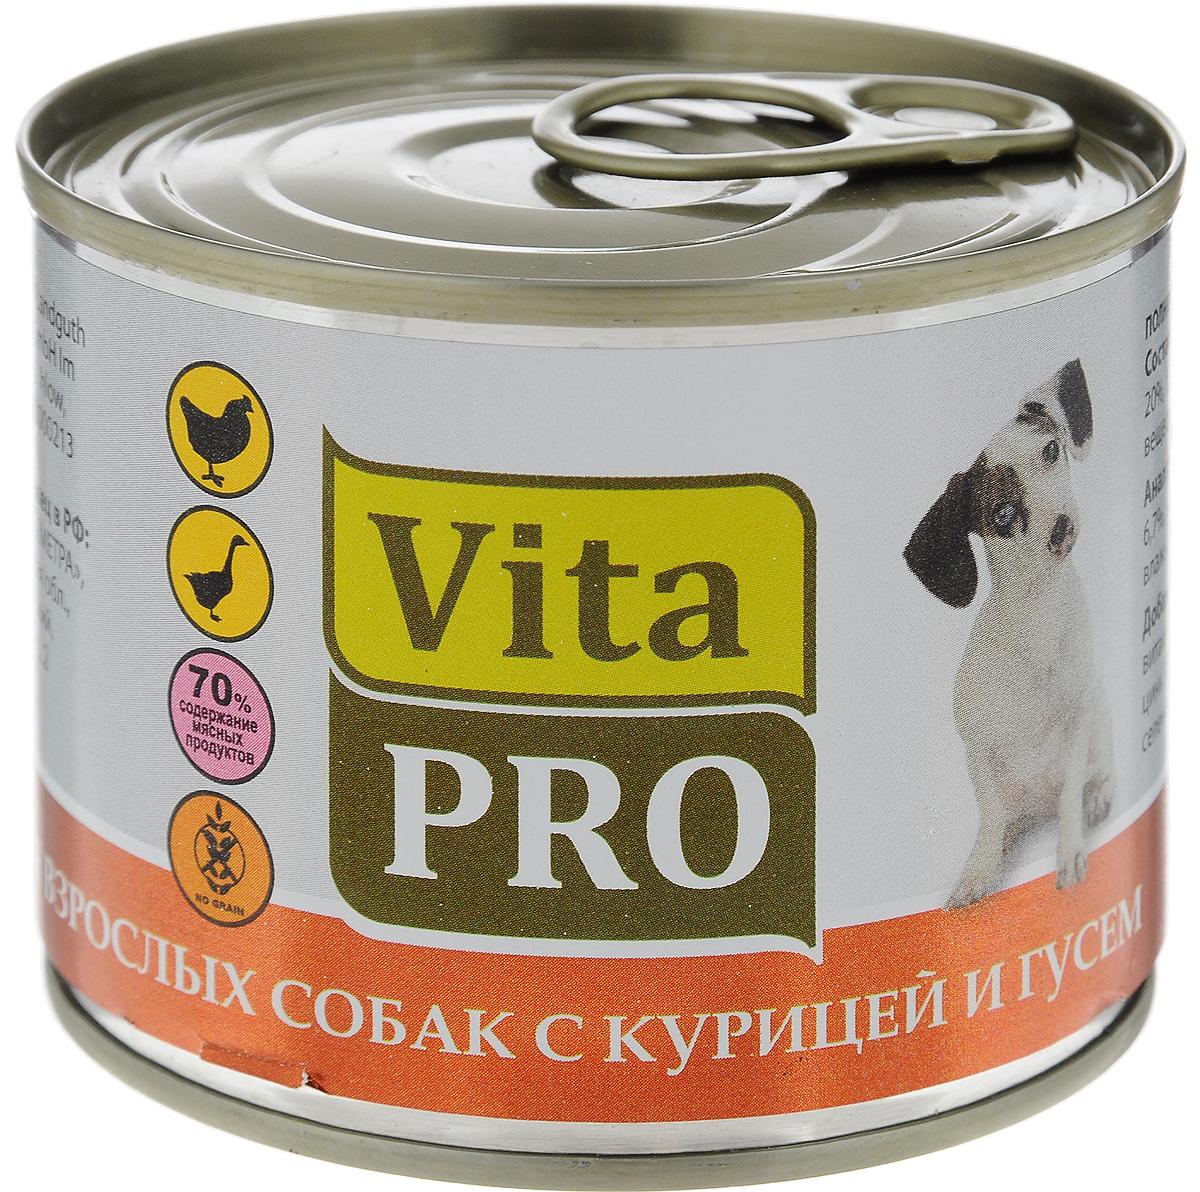 Консервы Vita ProМясное меню для собак, курица и гусь, 200 г90011Консервы Vita ProМясное меню - это корм из натурального мяса без овощей и злаков с добавлением кальция для растущего организма. Не содержит искусственных красителей и усилителей вкуса. Имеет крупнофаршевую текстуру.Товар сертифицирован.Чем кормить пожилых собак: советы ветеринара. Статья OZON Гид